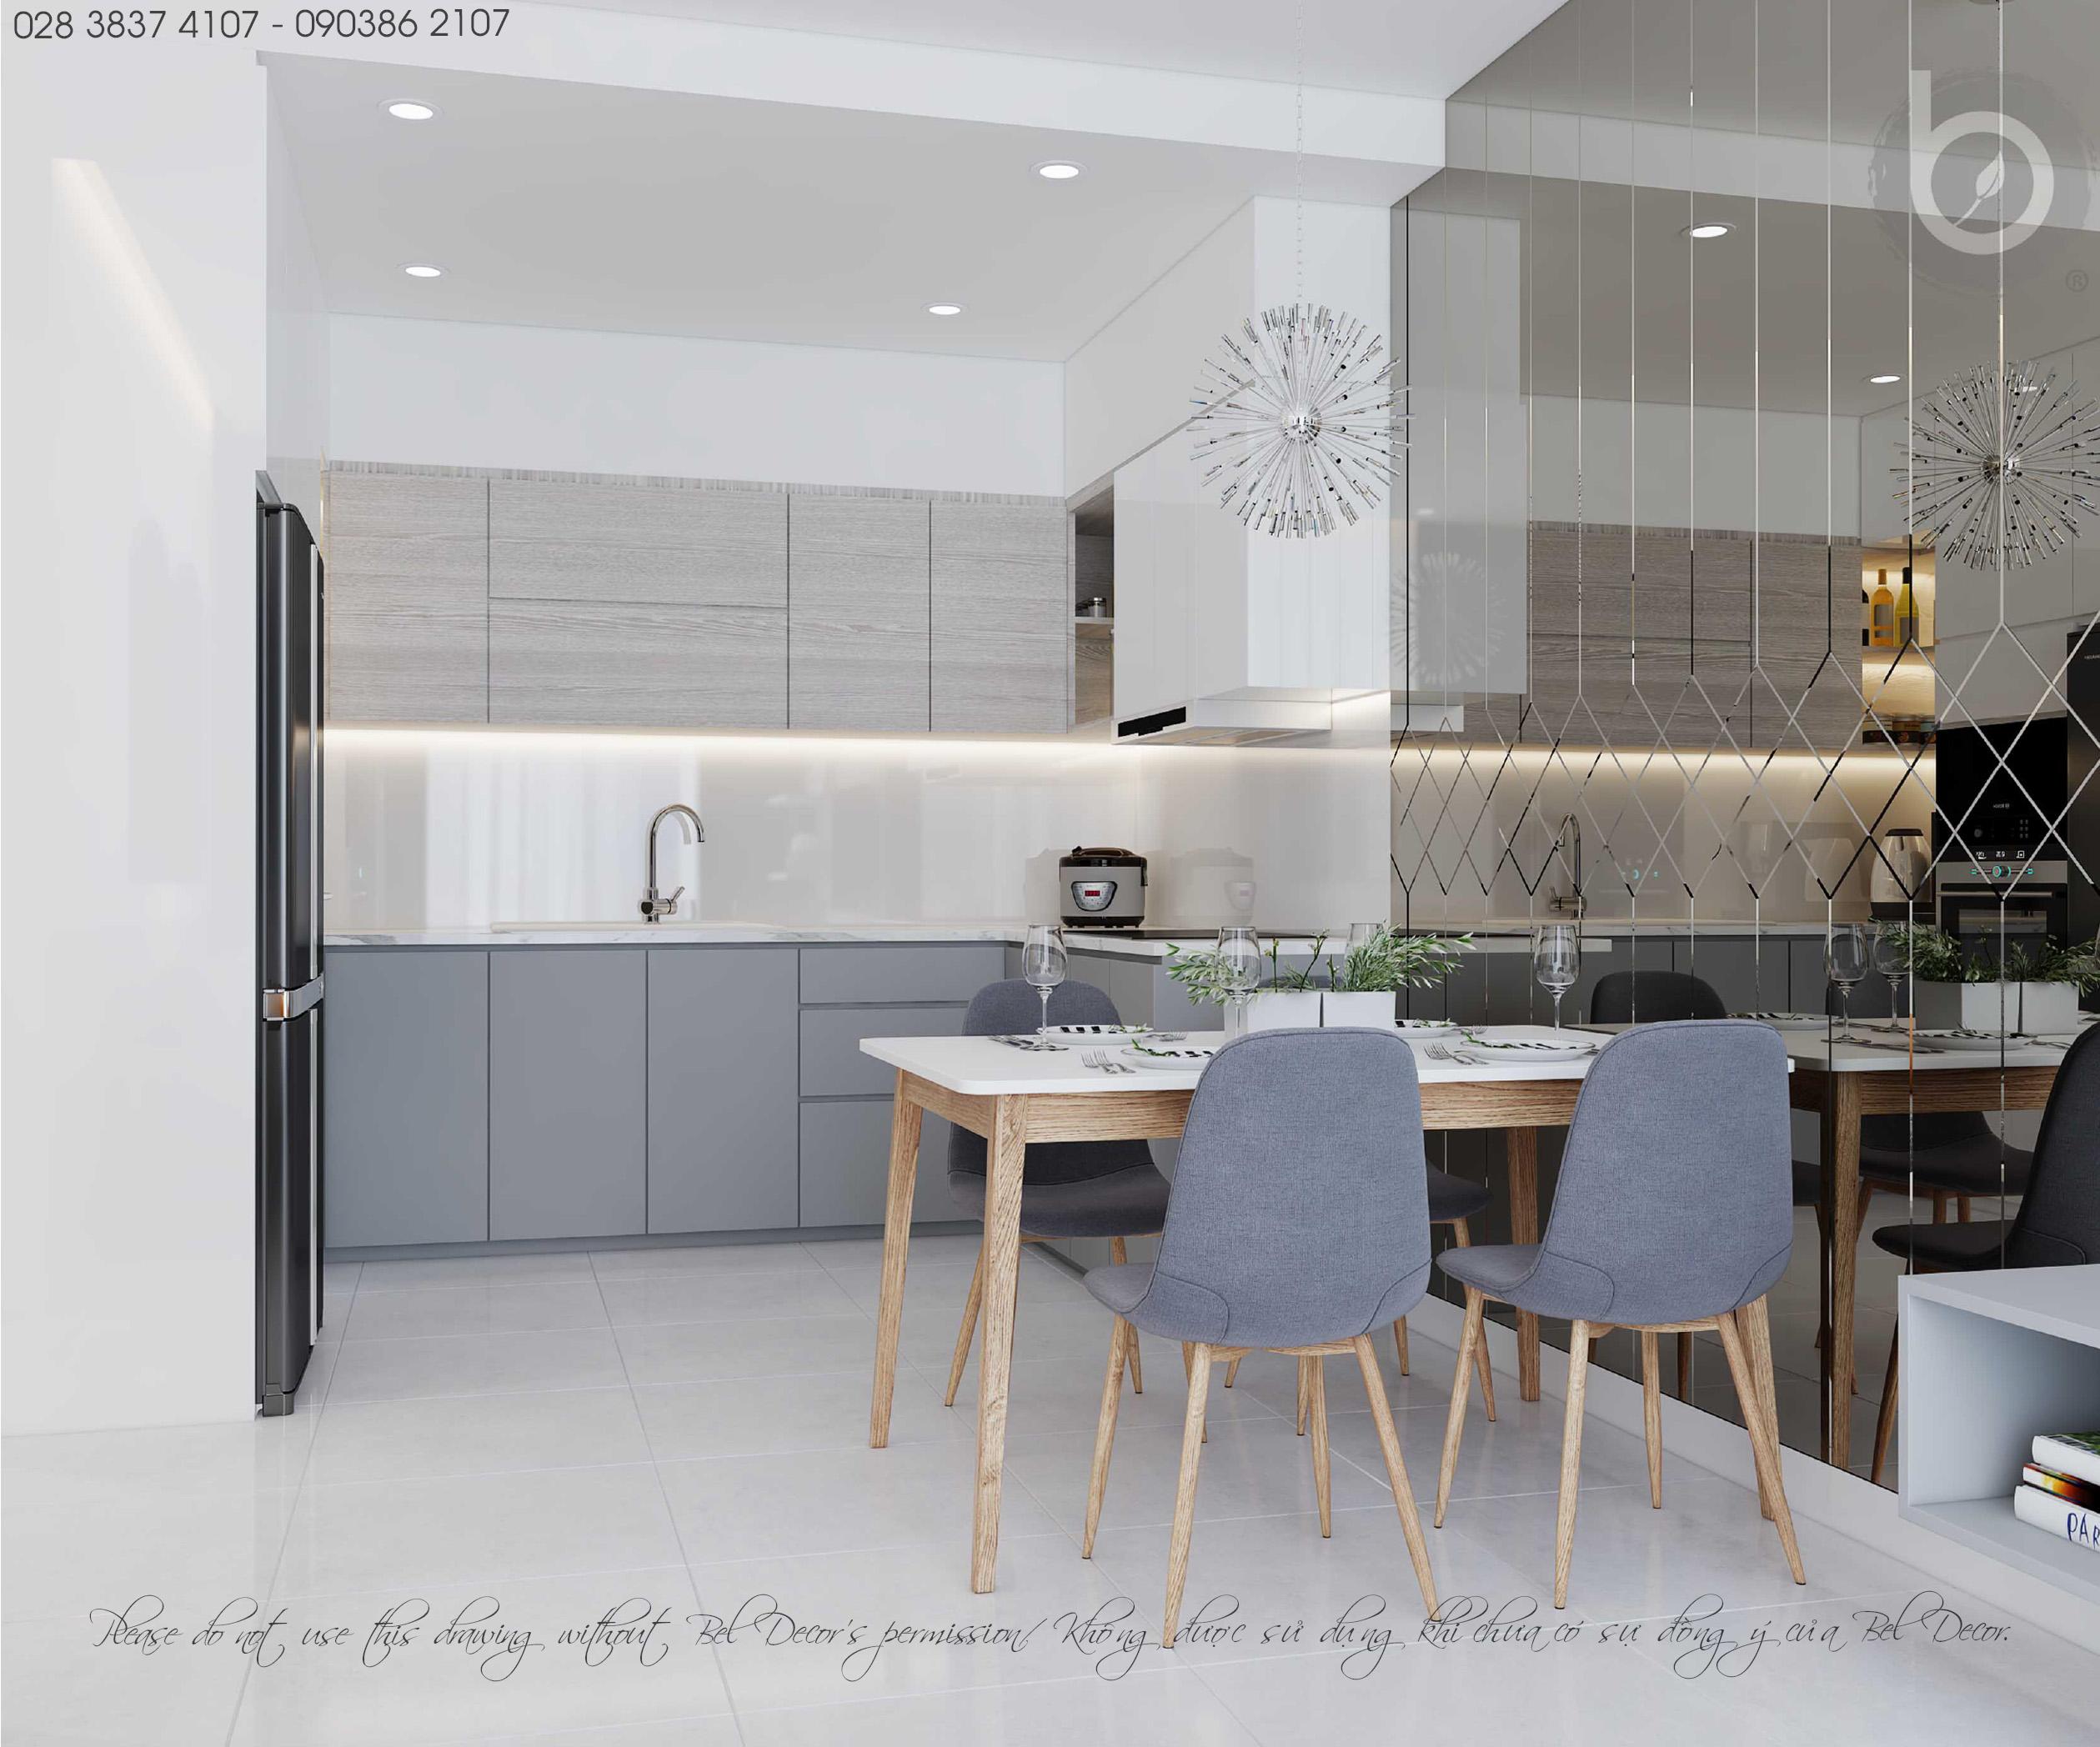 thiết kế nội thất chung cư tại Hồ Chí Minh THIẾT KẾ NỘI THẤT CĂN HỘ (HO1893) 3 1562656156